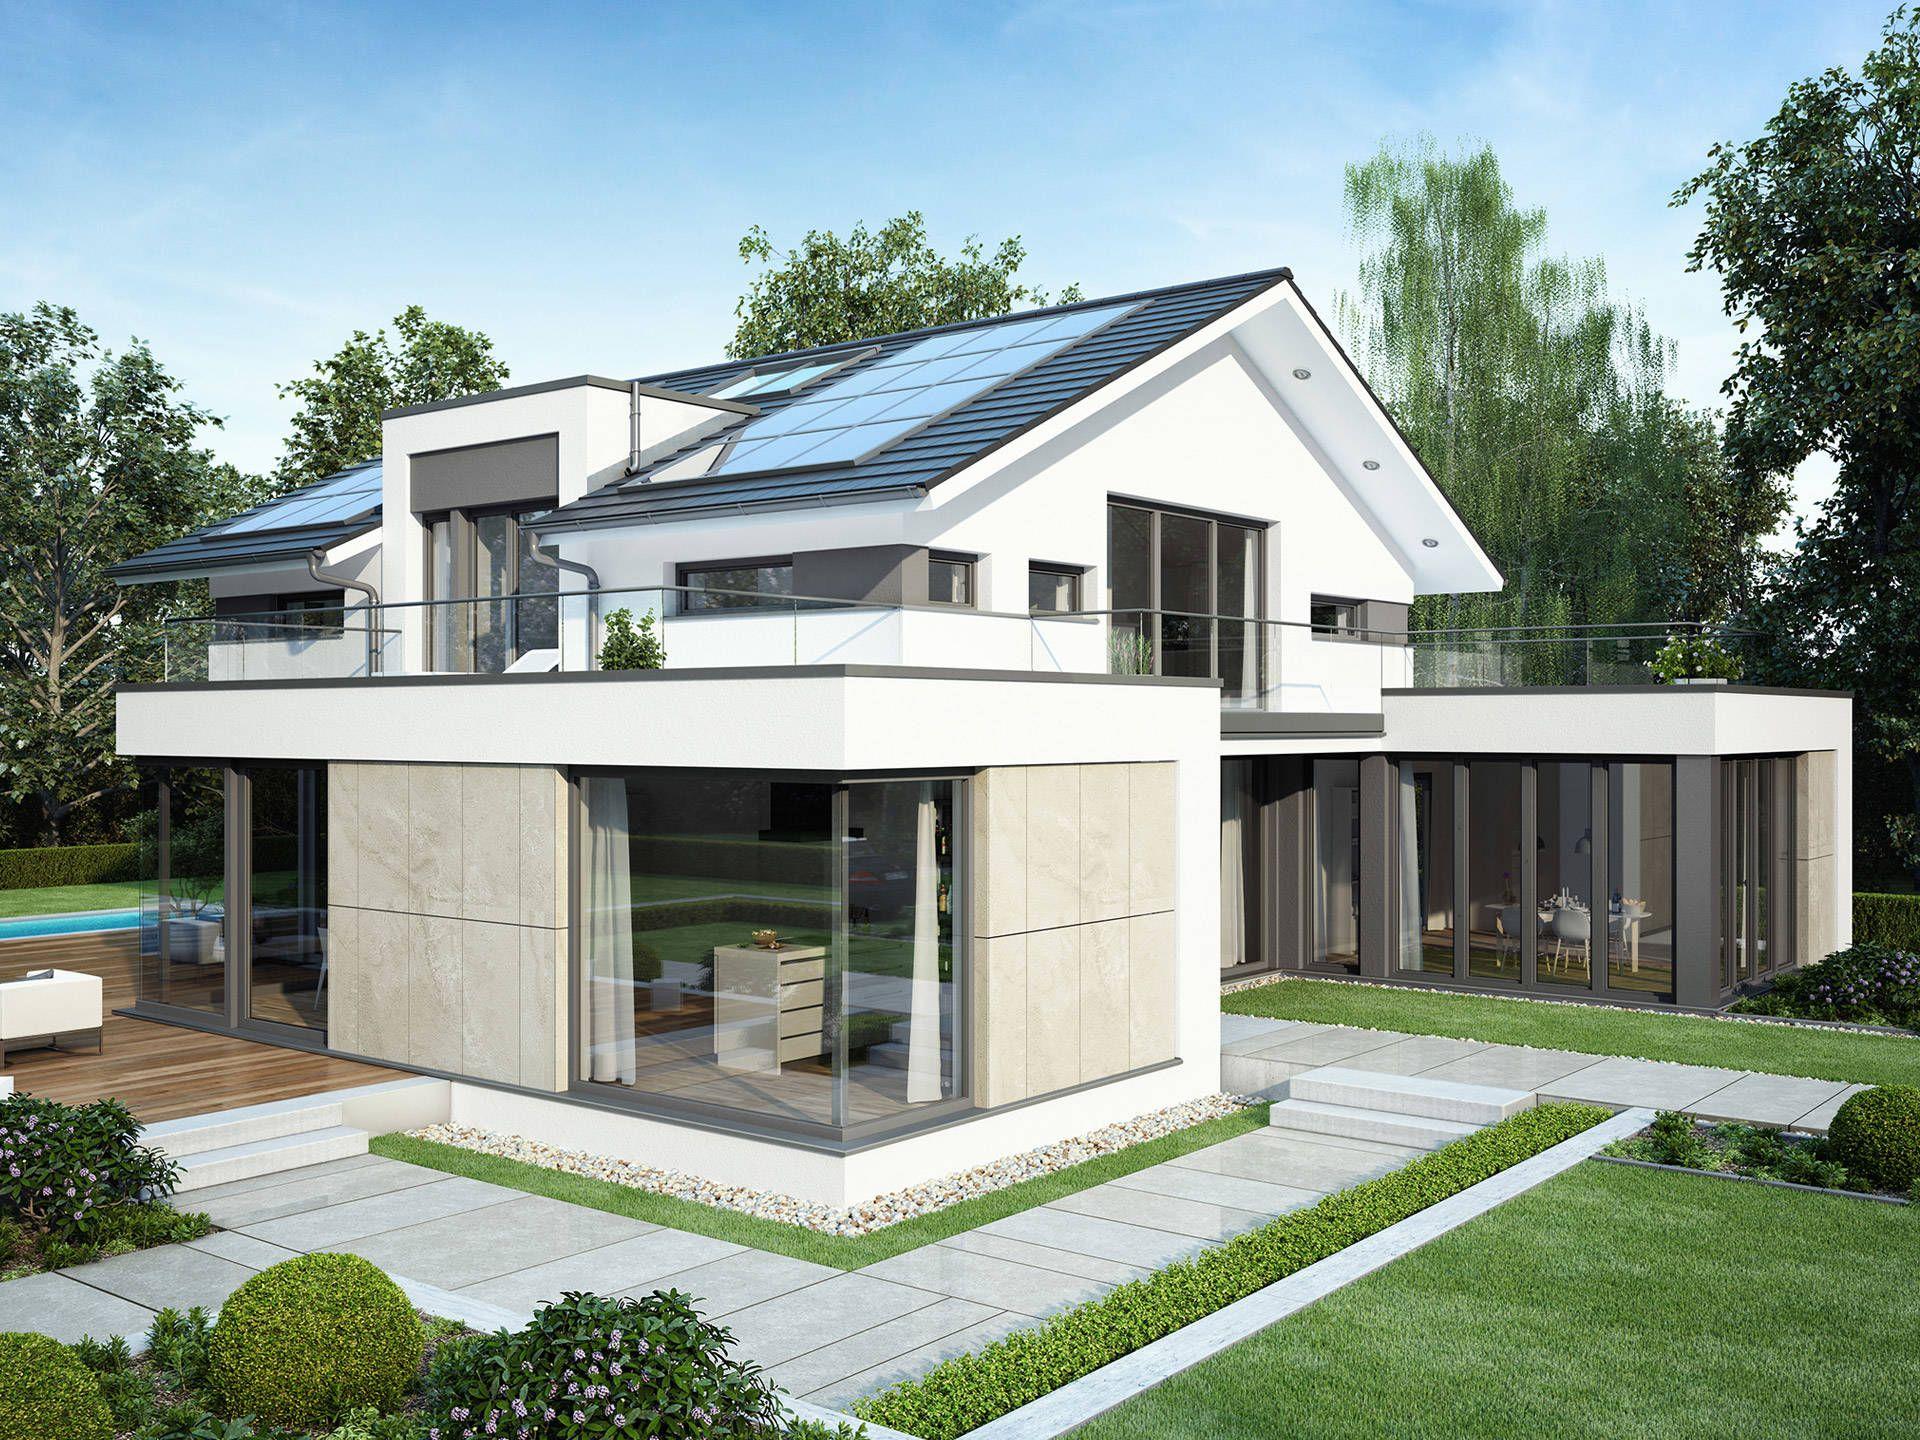 CONCEPTM 211 Mannheim Architektur, Haus und Haus